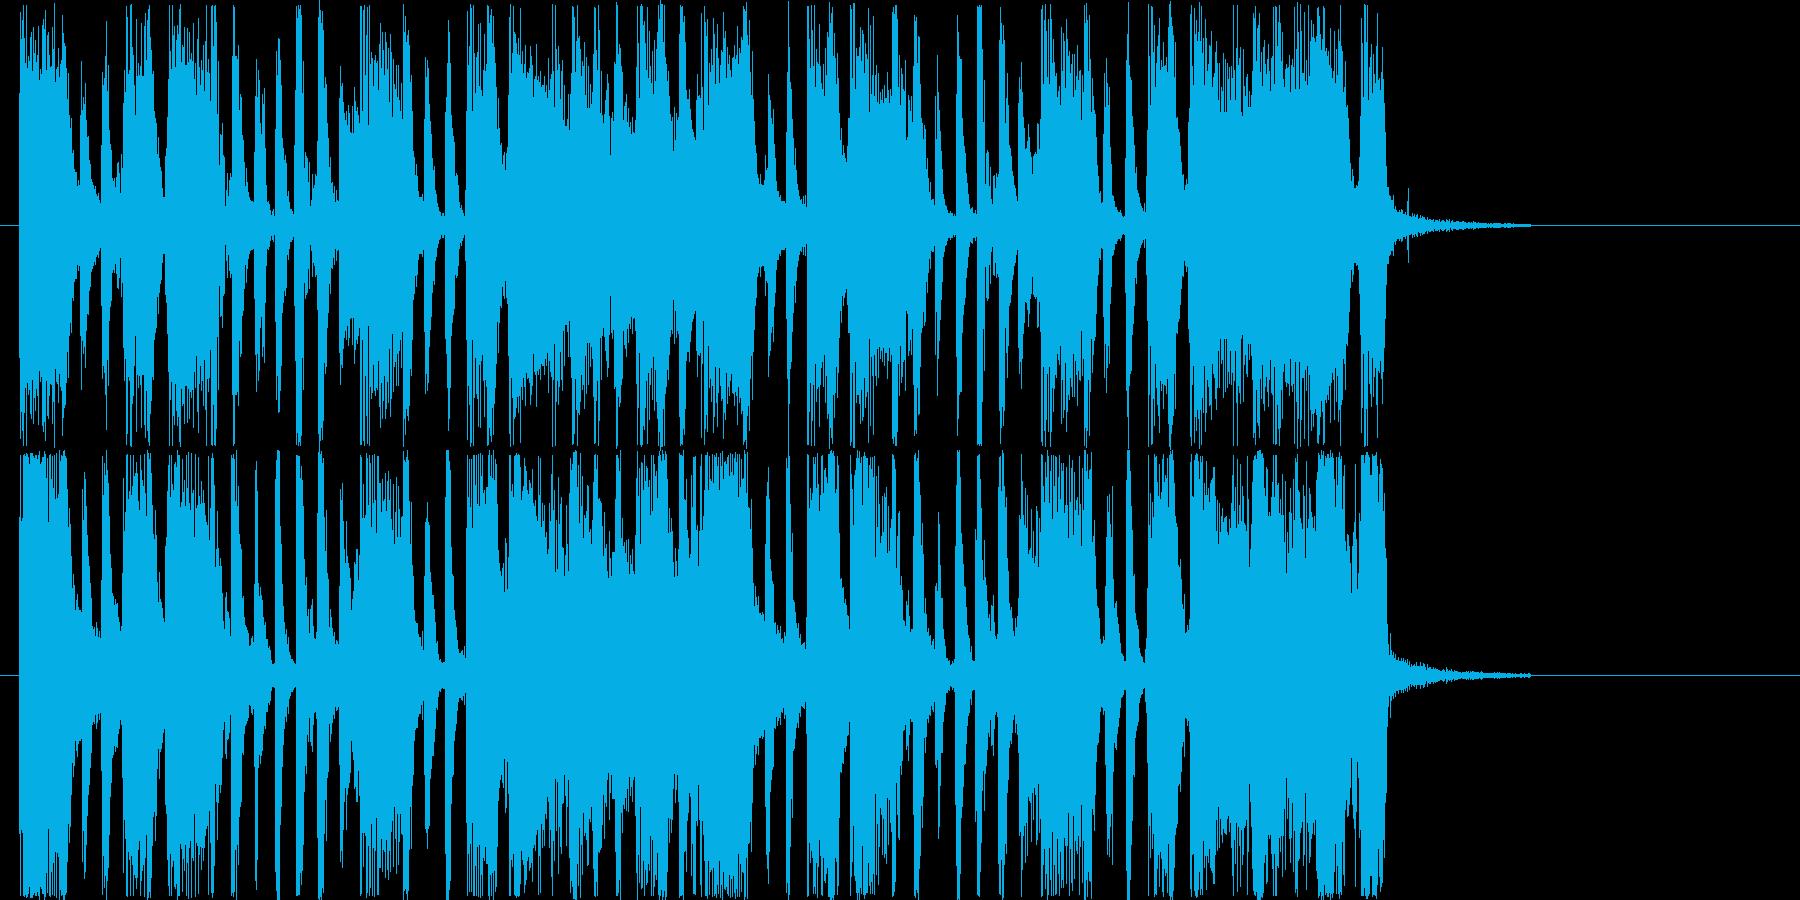 リズム感のあるロックなギターサウンドの再生済みの波形